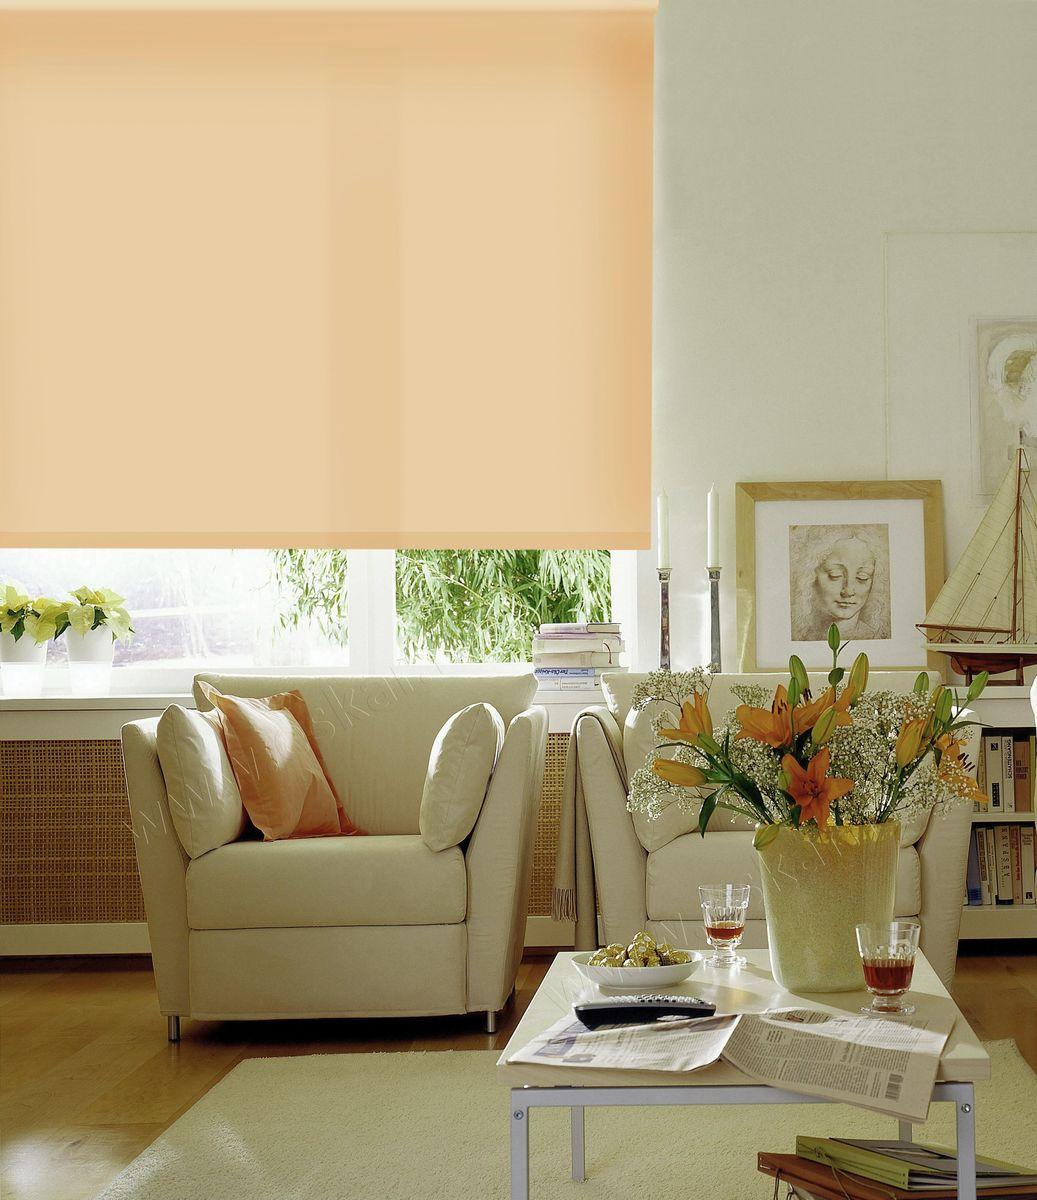 Штора рулонная Эскар Ролло. Однотонные, цвет: светлый абрикос, ширина 80 см, высота 170 см81112080170Рулонными шторами можно оформлять окна как самостоятельно, так и использовать в комбинации с портьерами. Это поможет предотвратить выгорание дорогой ткани на солнце и соединит функционал рулонных с красотой навесных.Преимущества применения рулонных штор для пластиковых окон:- имеют прекрасный внешний вид: многообразие и фактурность материала изделия отлично смотрятся в любом интерьере; - многофункциональны: есть возможность подобрать шторы способные эффективно защитить комнату от солнца, при этом о на не будет слишком темной. - Есть возможность осуществить быстрый монтаж. ВНИМАНИЕ! Размеры ширины изделия указаны по ширине ткани!Во время эксплуатации не рекомендуется полностью разматывать рулон, чтобы не оторвать ткань от намоточного вала.В случае загрязнения поверхности ткани, чистку шторы проводят одним из способов, в зависимости от типа загрязнения: легкое поверхностное загрязнение можно удалить при помощи канцелярского ластика; чистка от пыли производится сухим методом при помощи пылесоса с мягкой щеткой-насадкой; для удаления пятна используйте мягкую губку с пенообразующим неагрессивным моющим средством или пятновыводитель на натуральной основе (нельзя применять растворители).